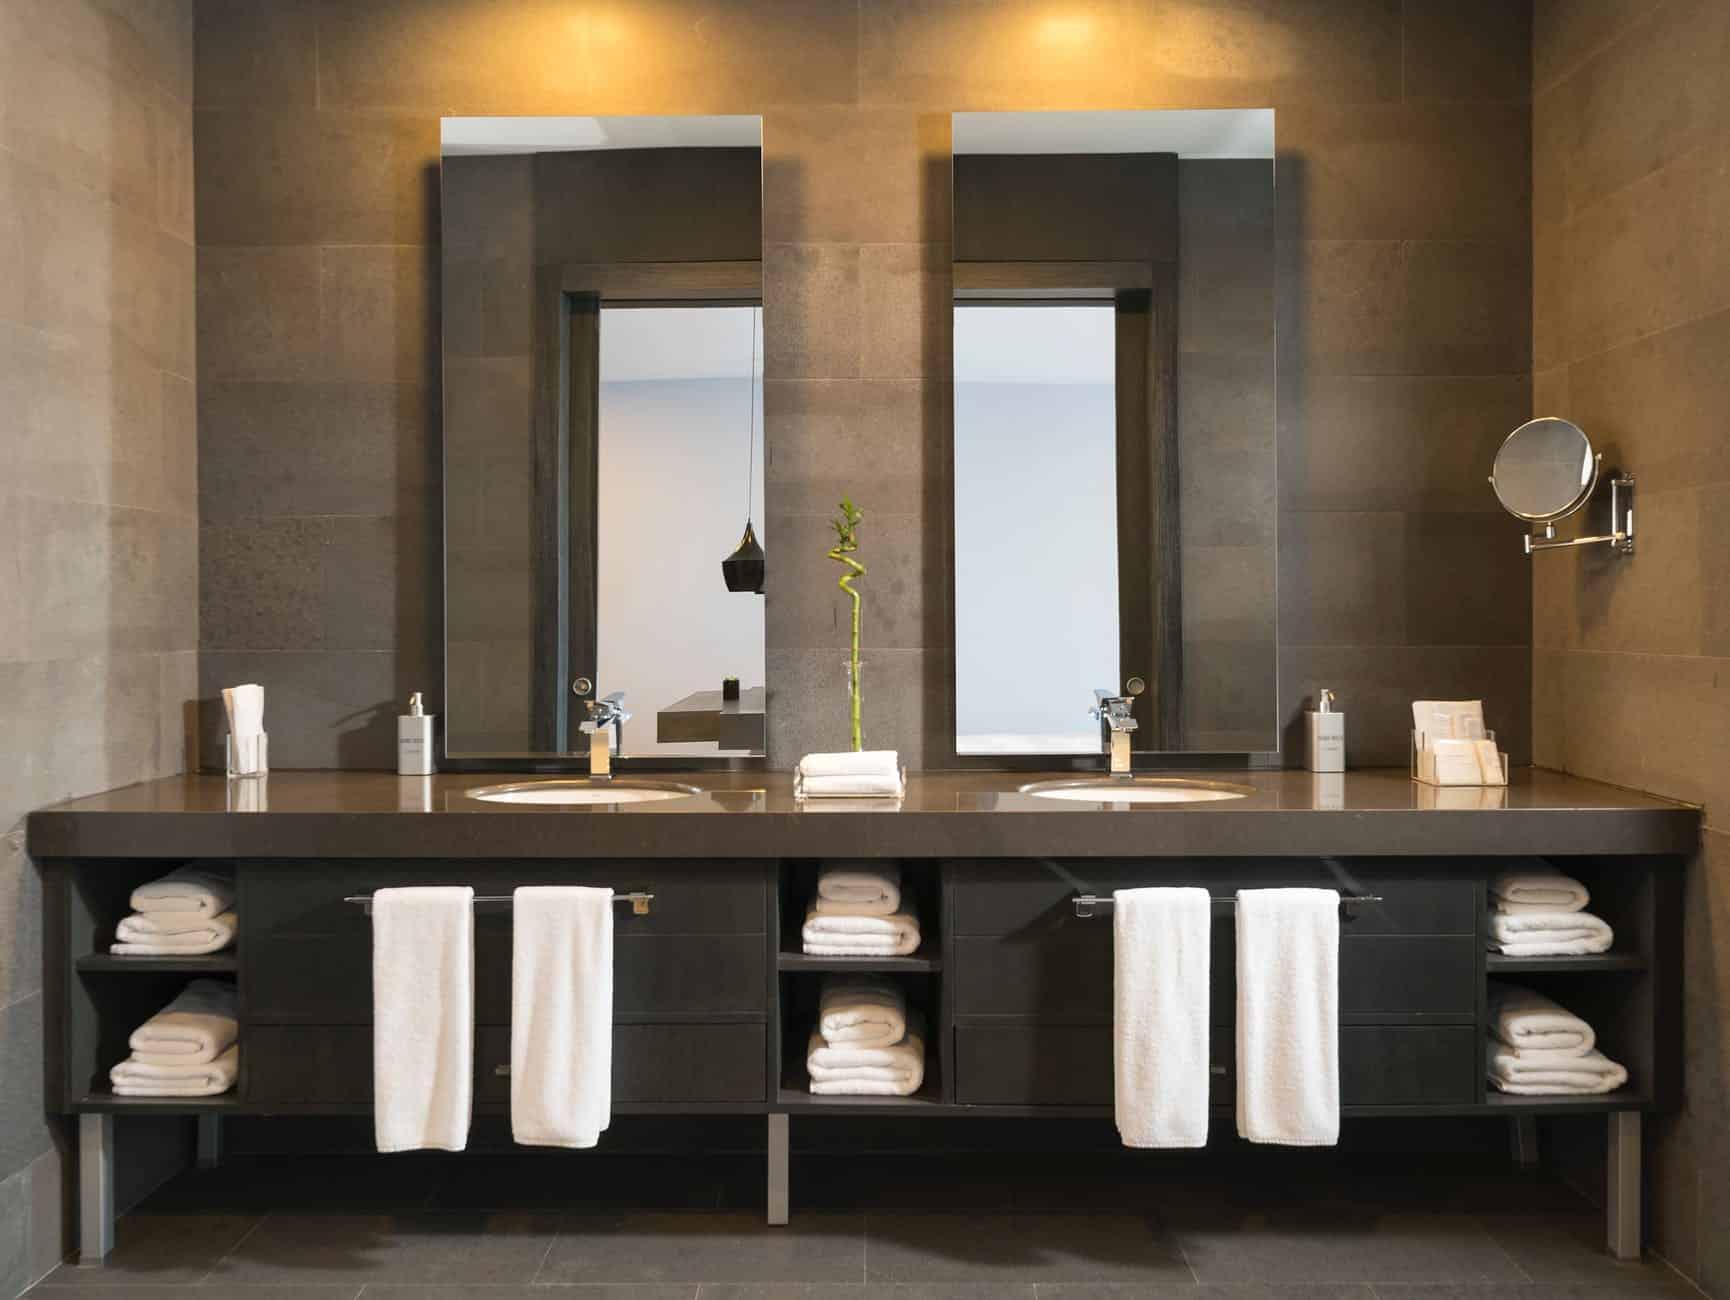 Das Badezimmer modern gestalten kreativLISTE - weies badezimmer modern gestalten